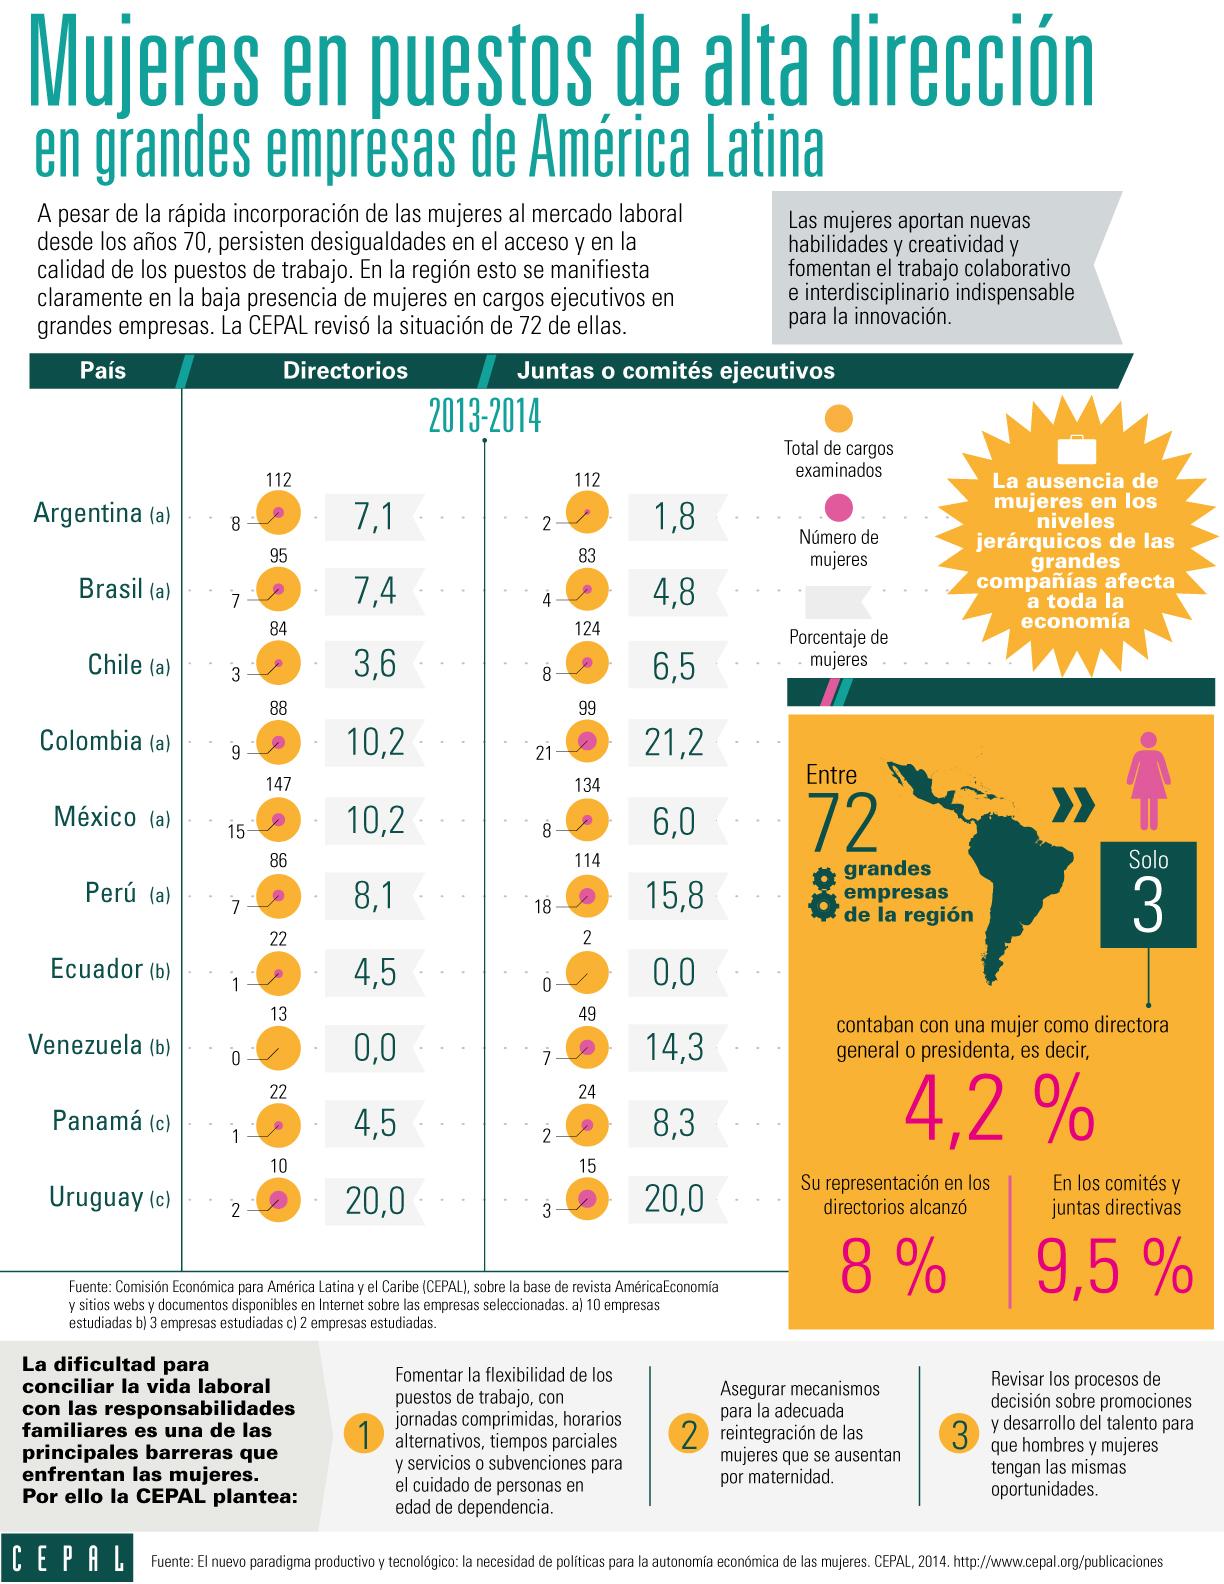 infografía sobre mujeres en empresas